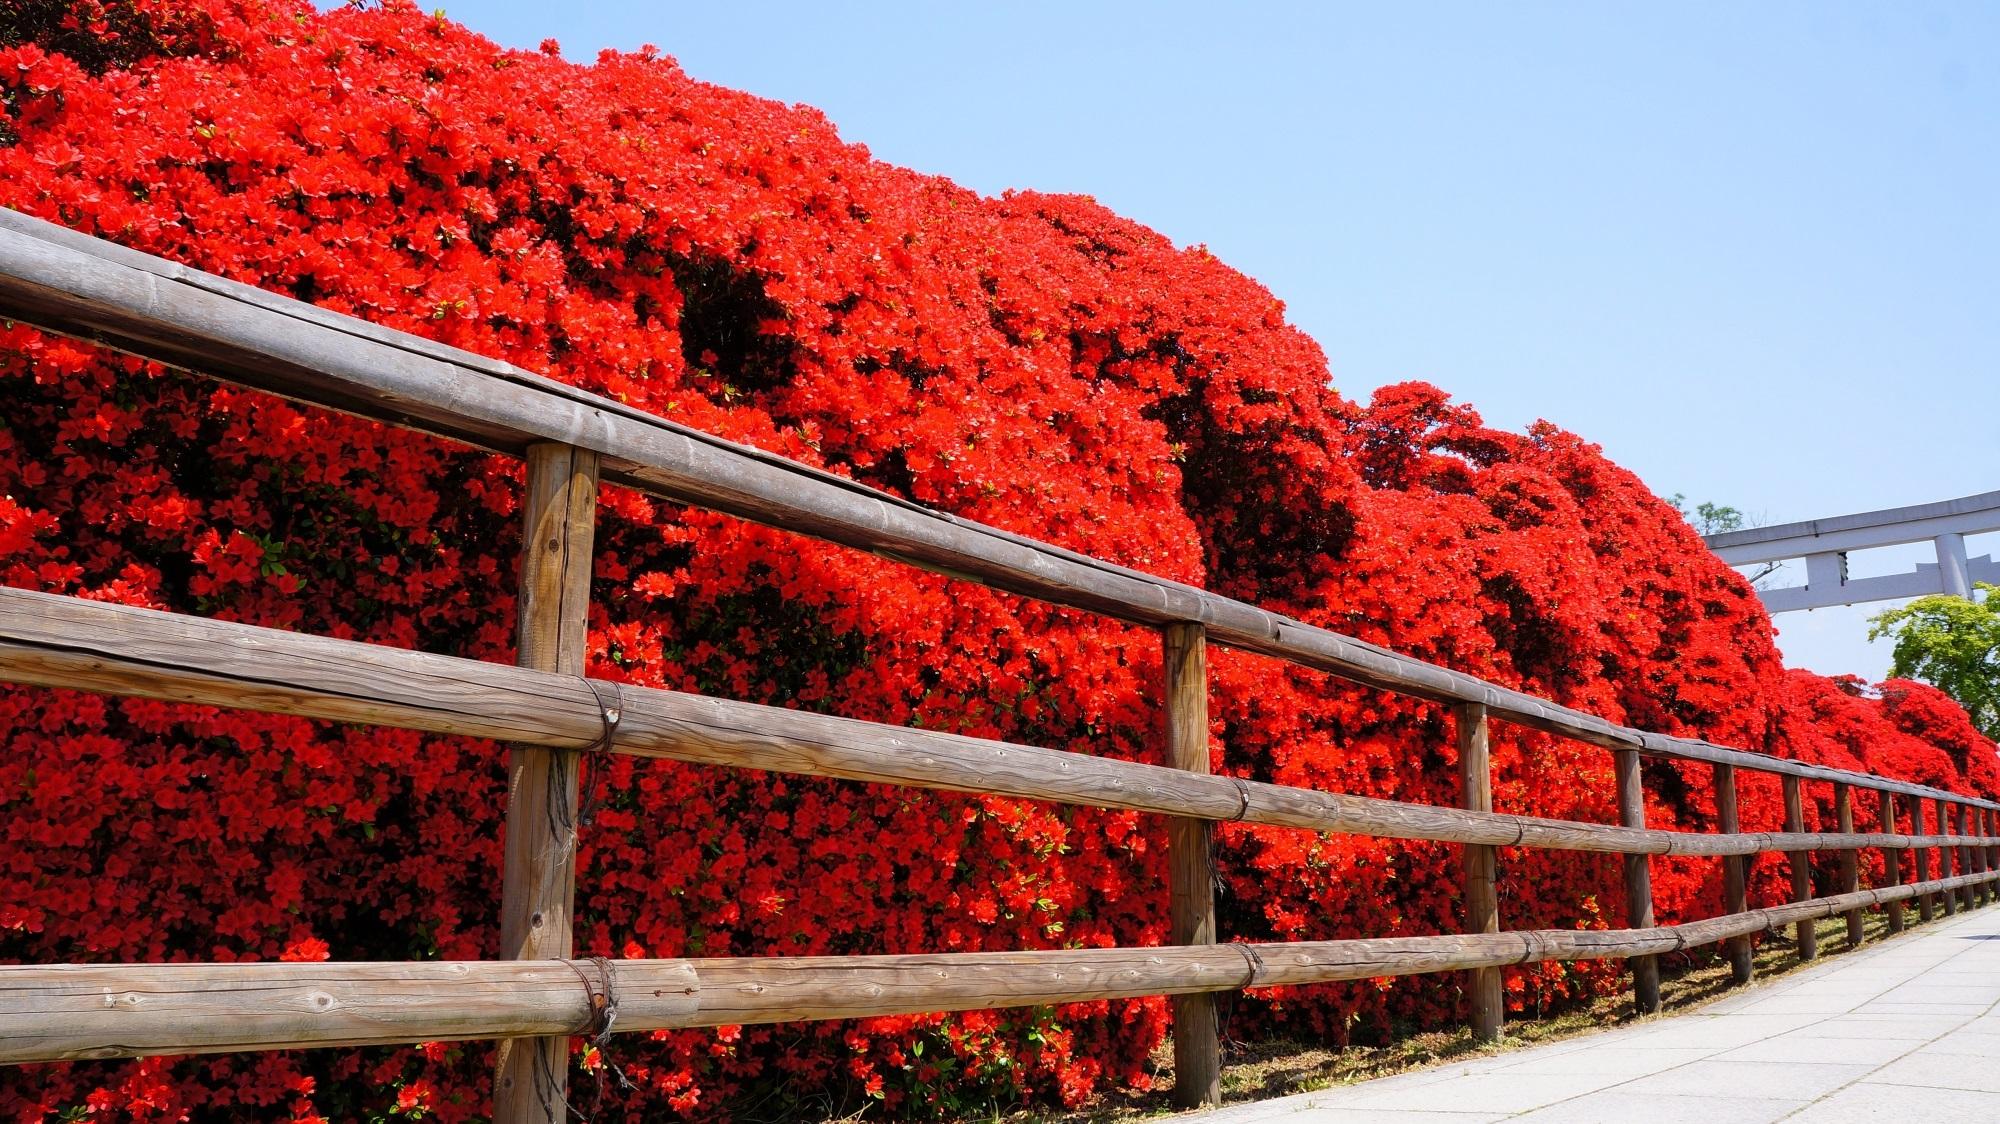 八条ヶ池 キリシマツツジ 凄すぎる真っ赤な水上橋